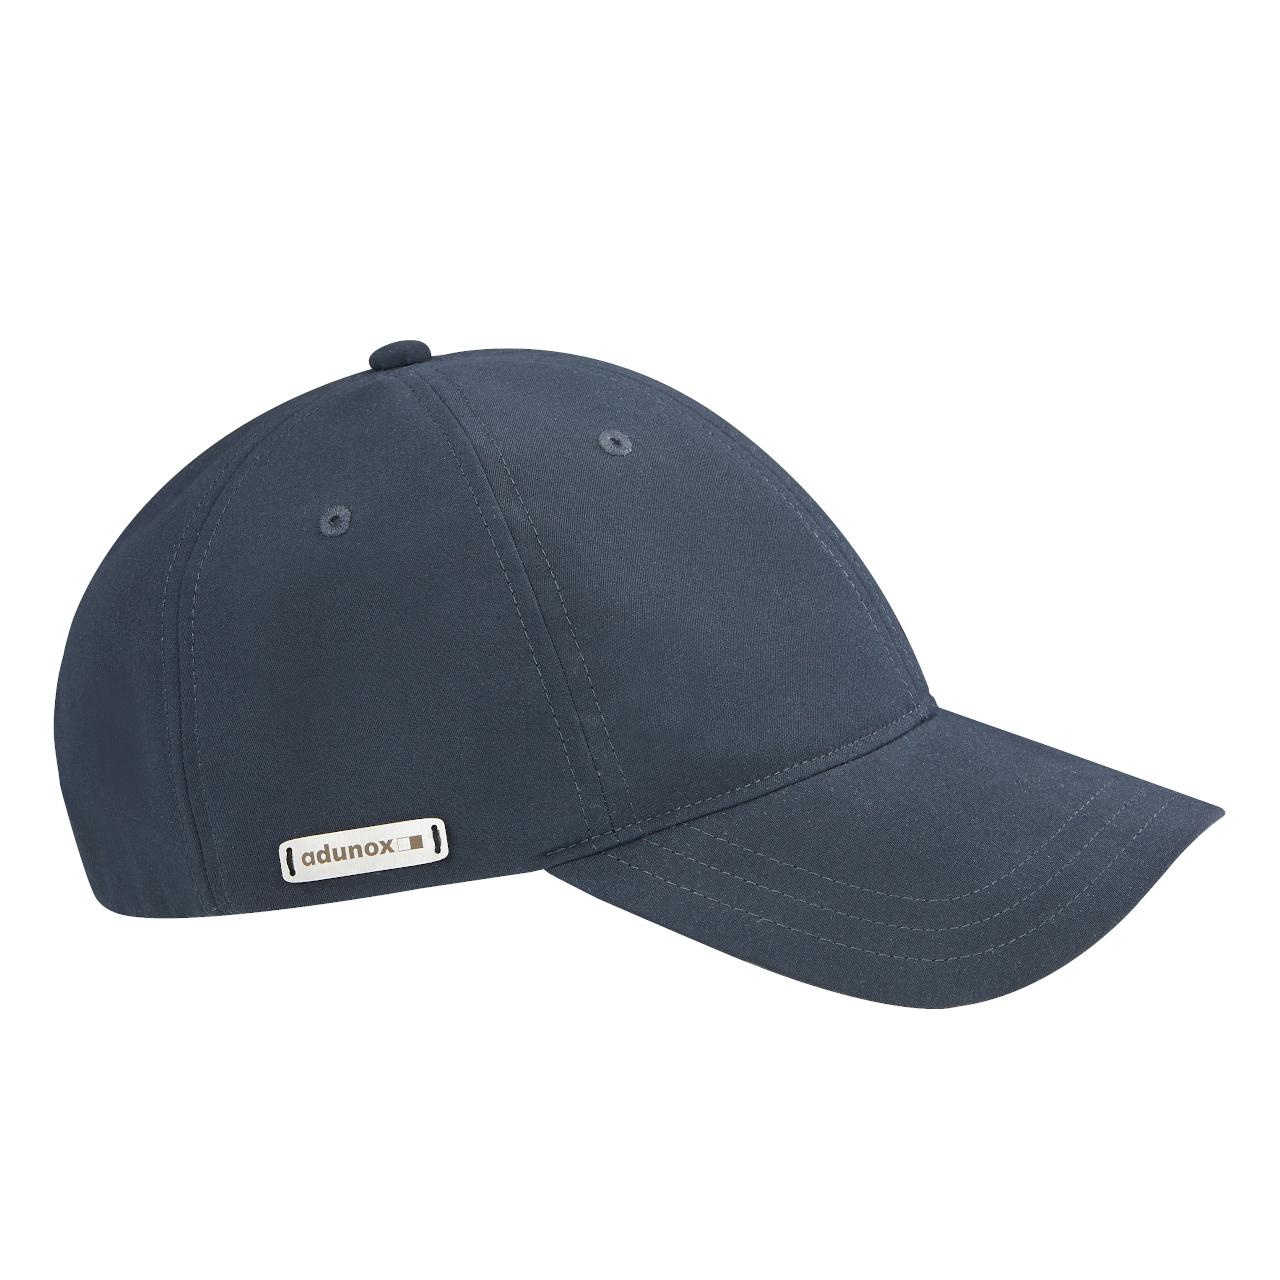 adunox® Basecap